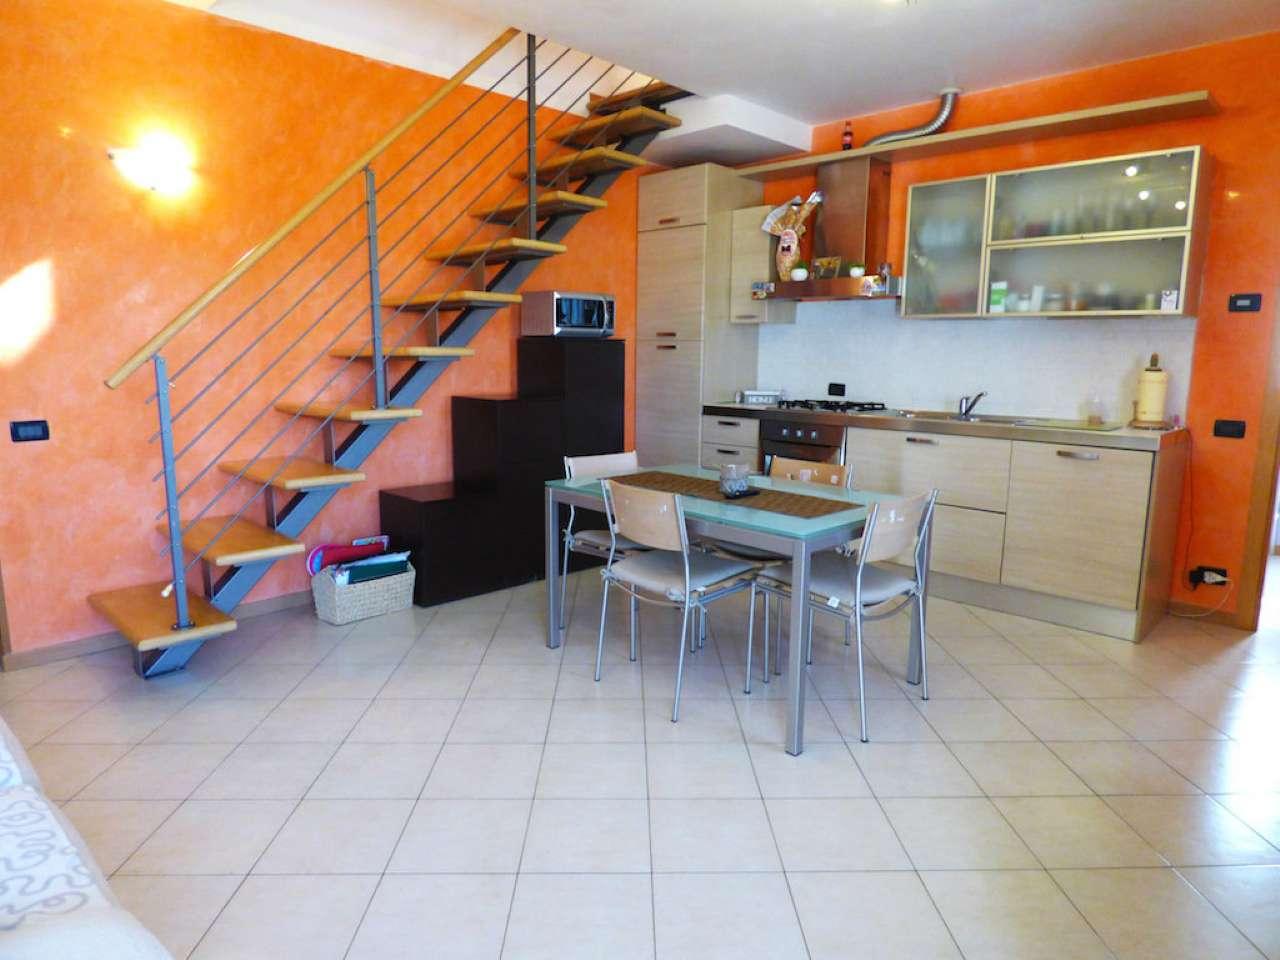 Appartamento in vendita a Polverara, 3 locali, prezzo € 103.000 | CambioCasa.it